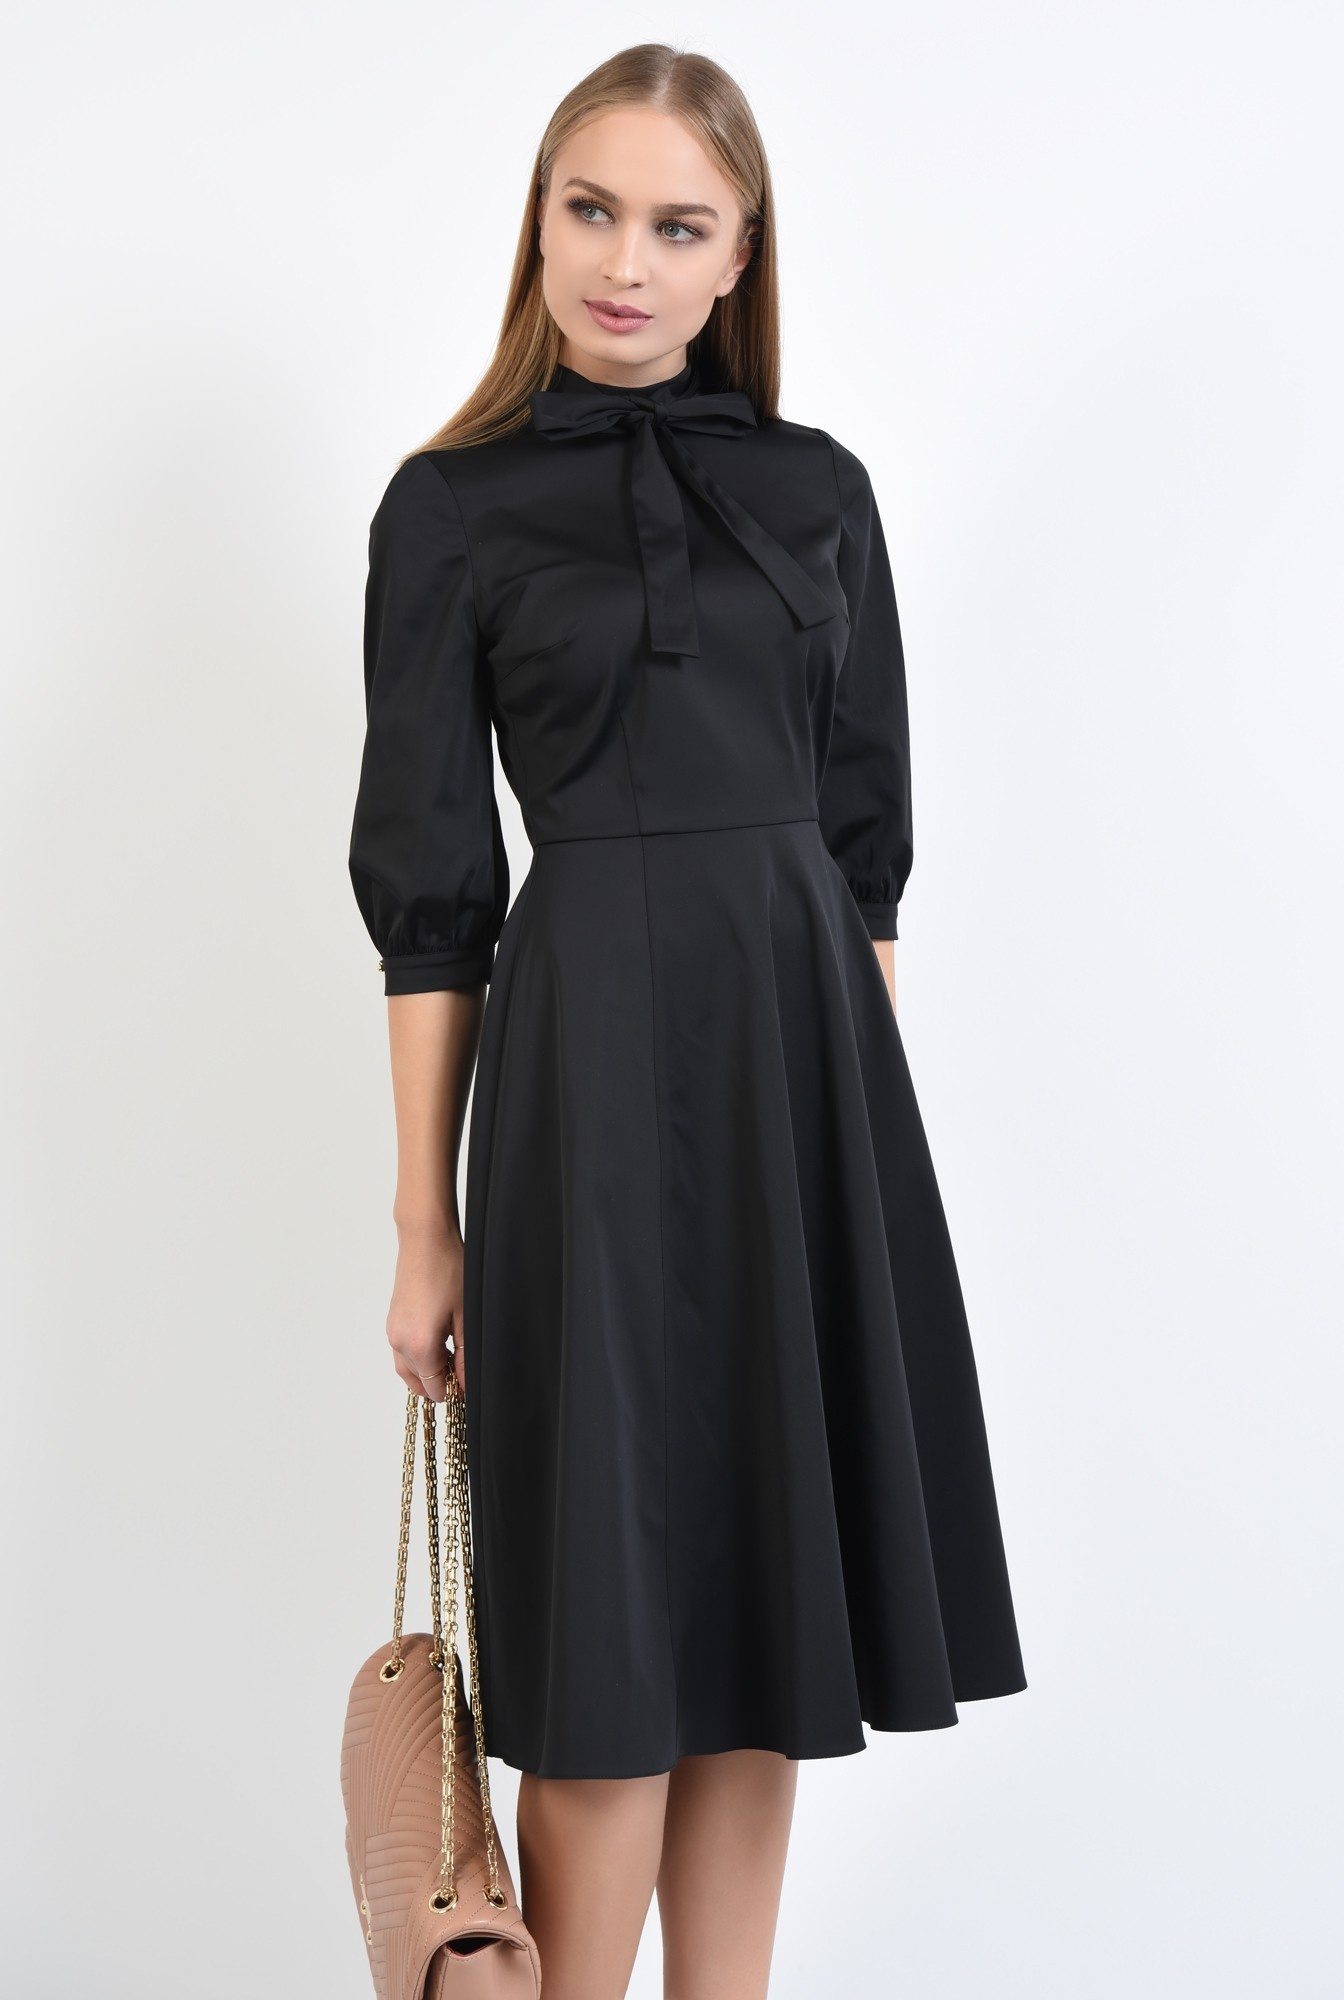 0 - rochie neagra, clos, guler cu funda, cusatura in talie